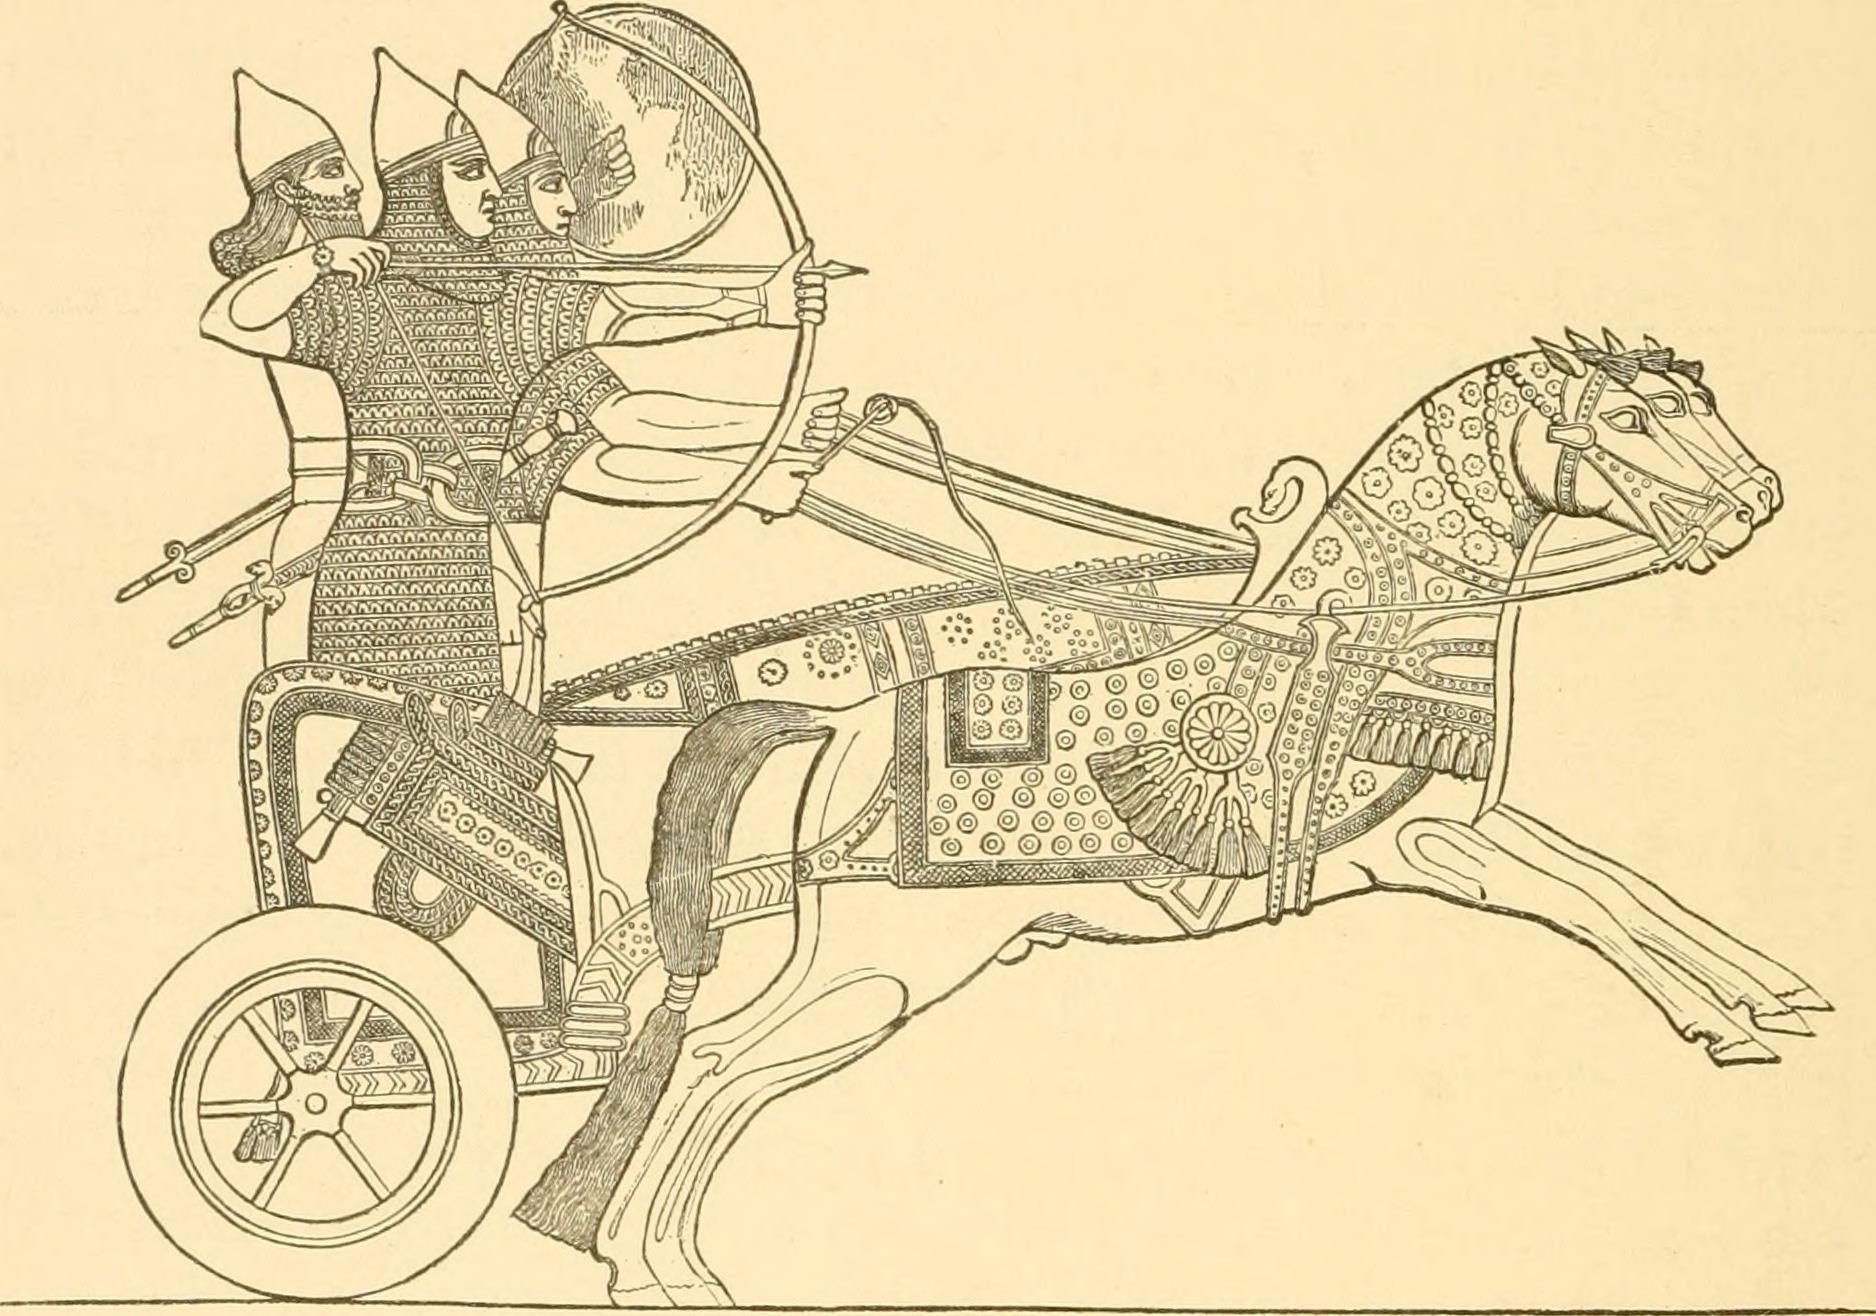 The boys' and girls' Herodotus; being parts of the history of Herodotus (1884) (14801036073).jpg English: Identifier: boysgirlsherodot01hero